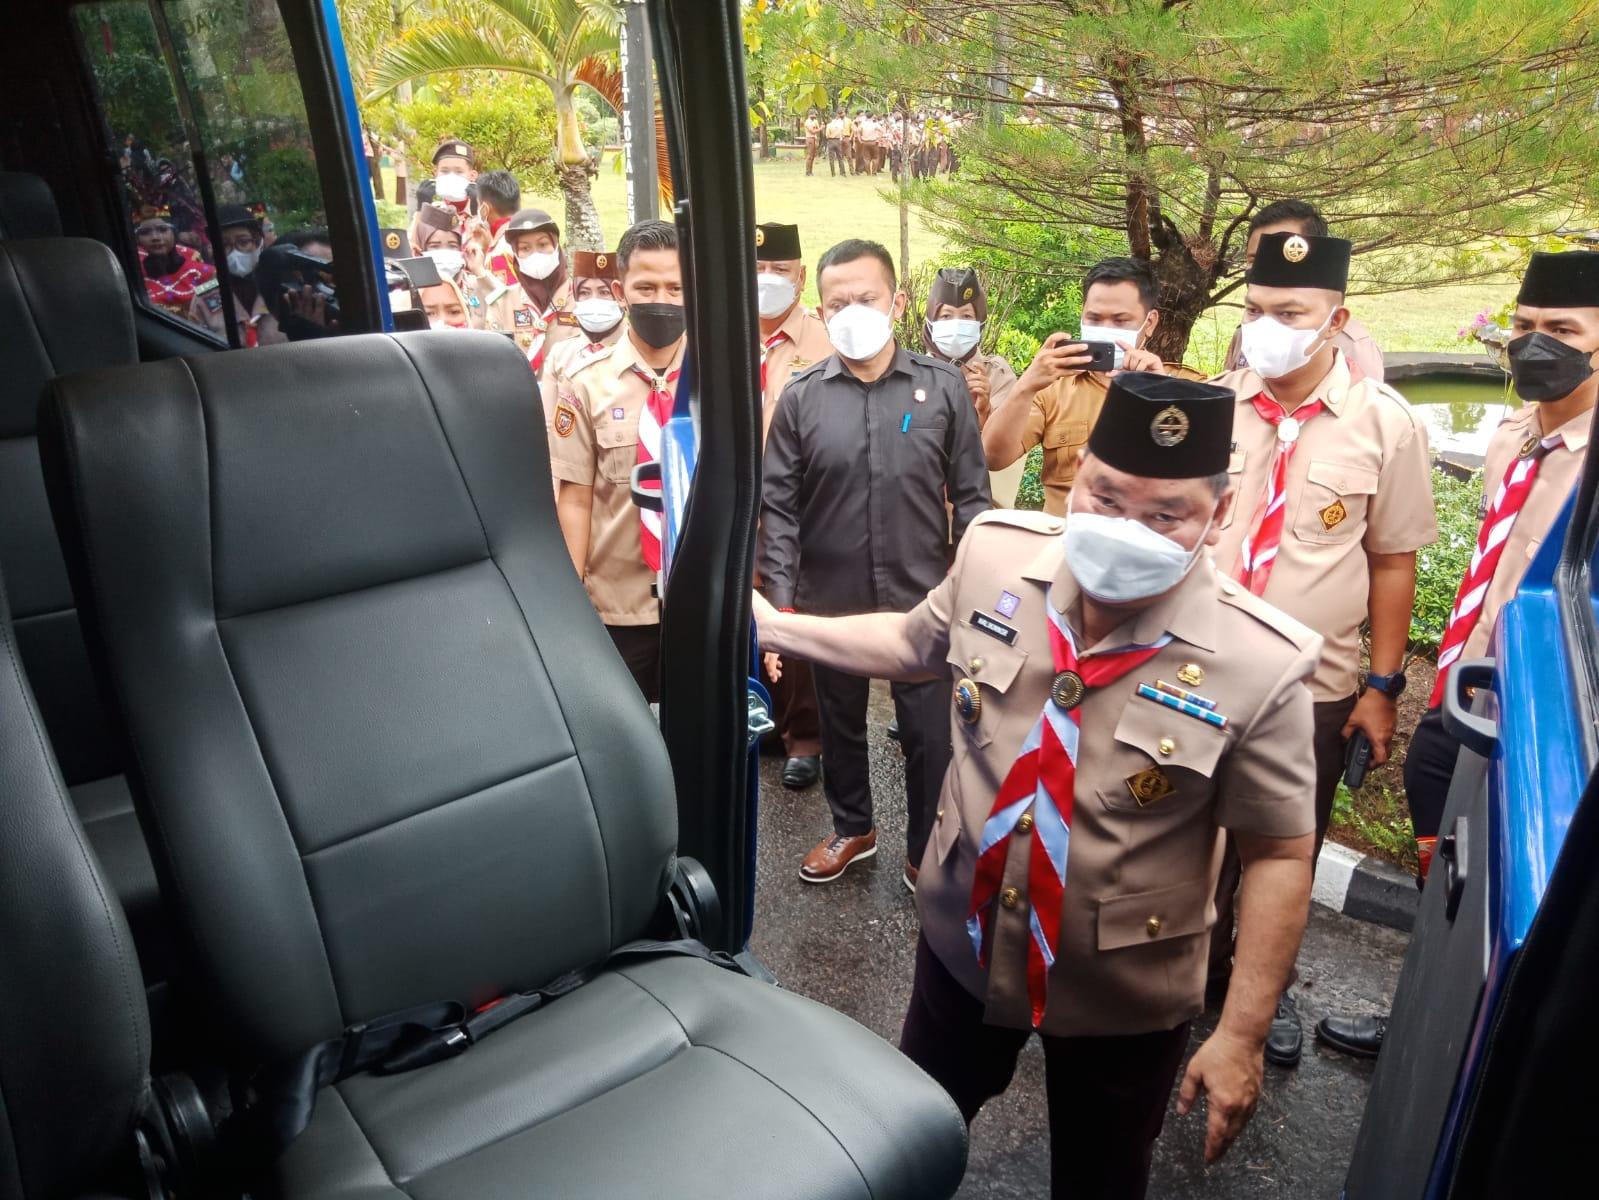 PENYERAHAN: Bupati Kabupaten Kotim H Halikinnor saat menyerahkan mobil untuk jemput antar peserta KB, Selasa (21/9/2021).